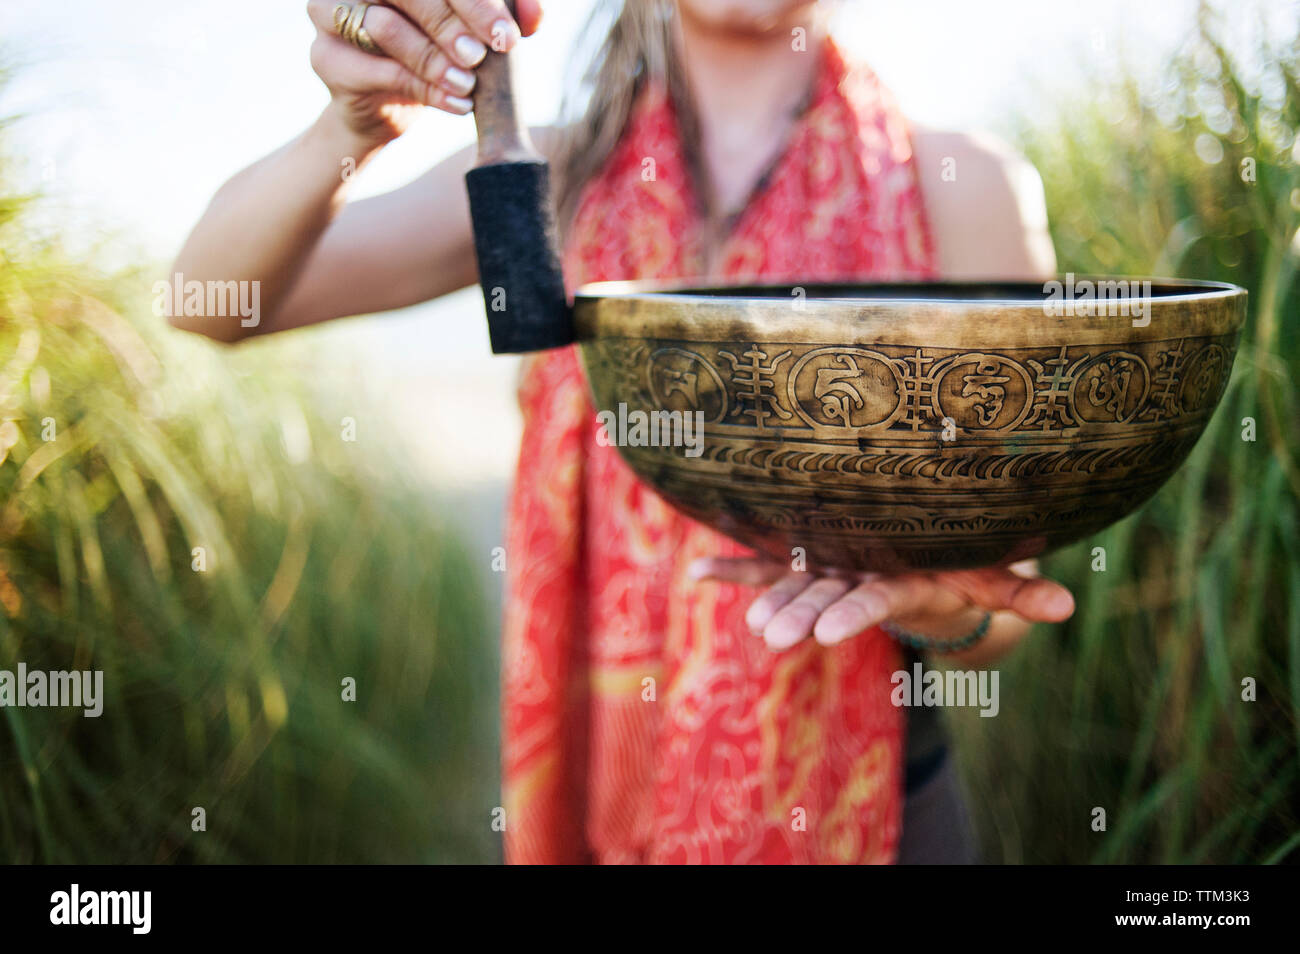 Cropped image of woman holding Tibetan singing bowl - Stock Image